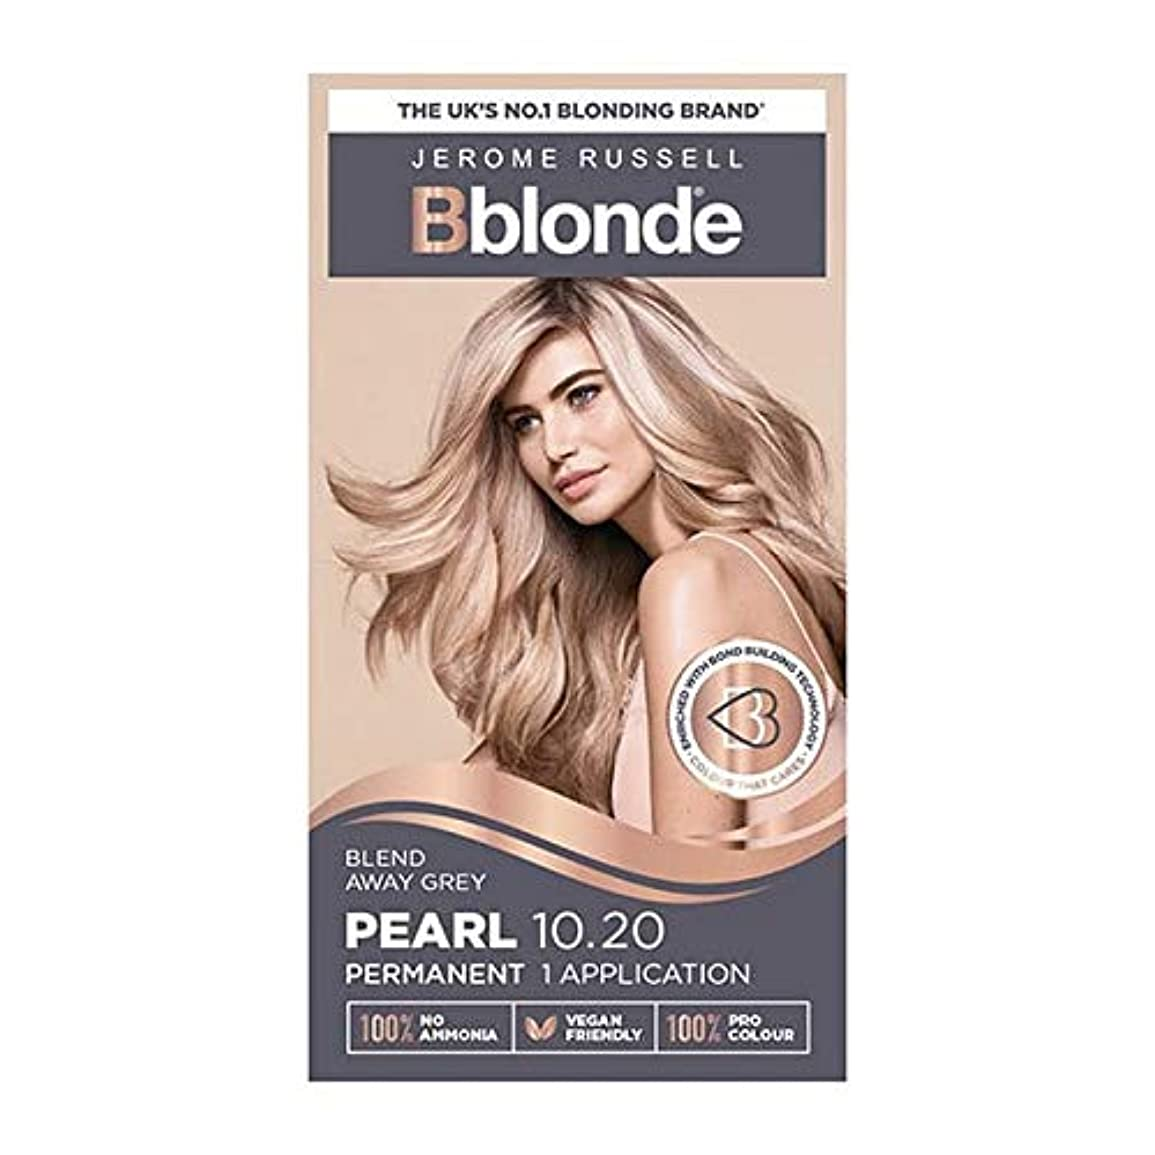 人気の面白い不条理[Jerome Russell ] ジェロームラッセルBblondeパーマネントヘアキット真珠10.2ブロンド - Jerome Russell Bblonde Permanent Hair Kit Pearl Blonde...